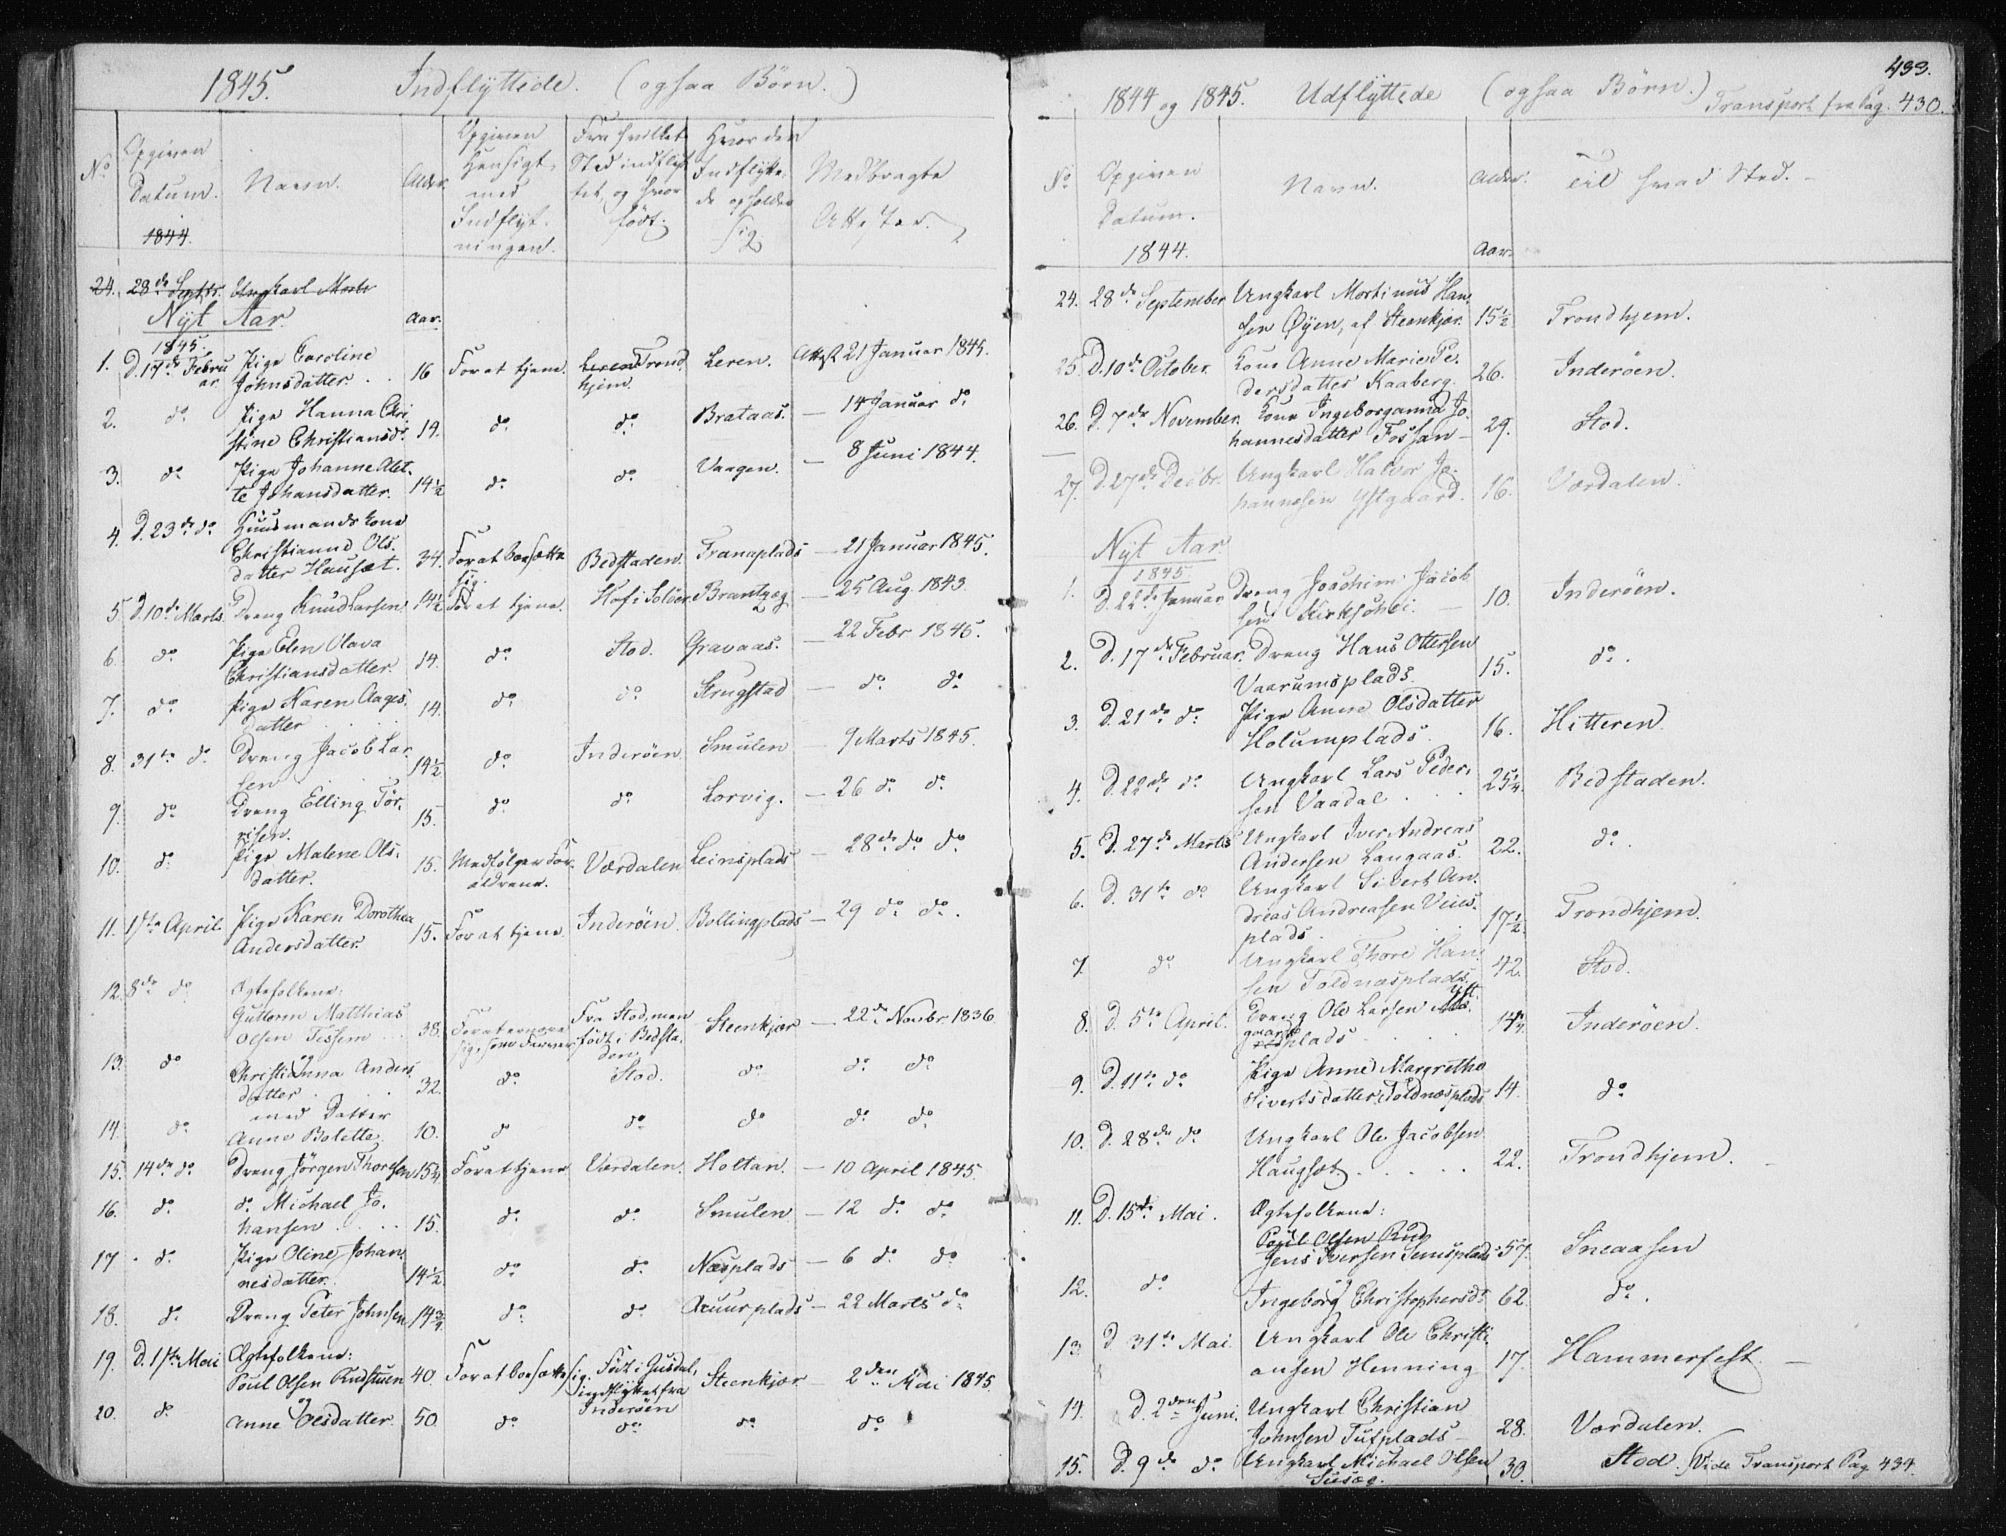 SAT, Ministerialprotokoller, klokkerbøker og fødselsregistre - Nord-Trøndelag, 735/L0339: Ministerialbok nr. 735A06 /1, 1836-1848, s. 433